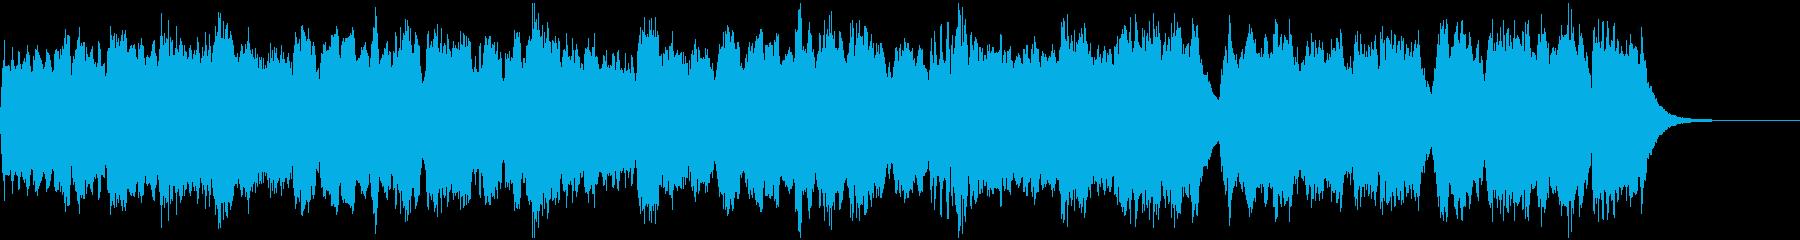 牧歌的なBGMの再生済みの波形